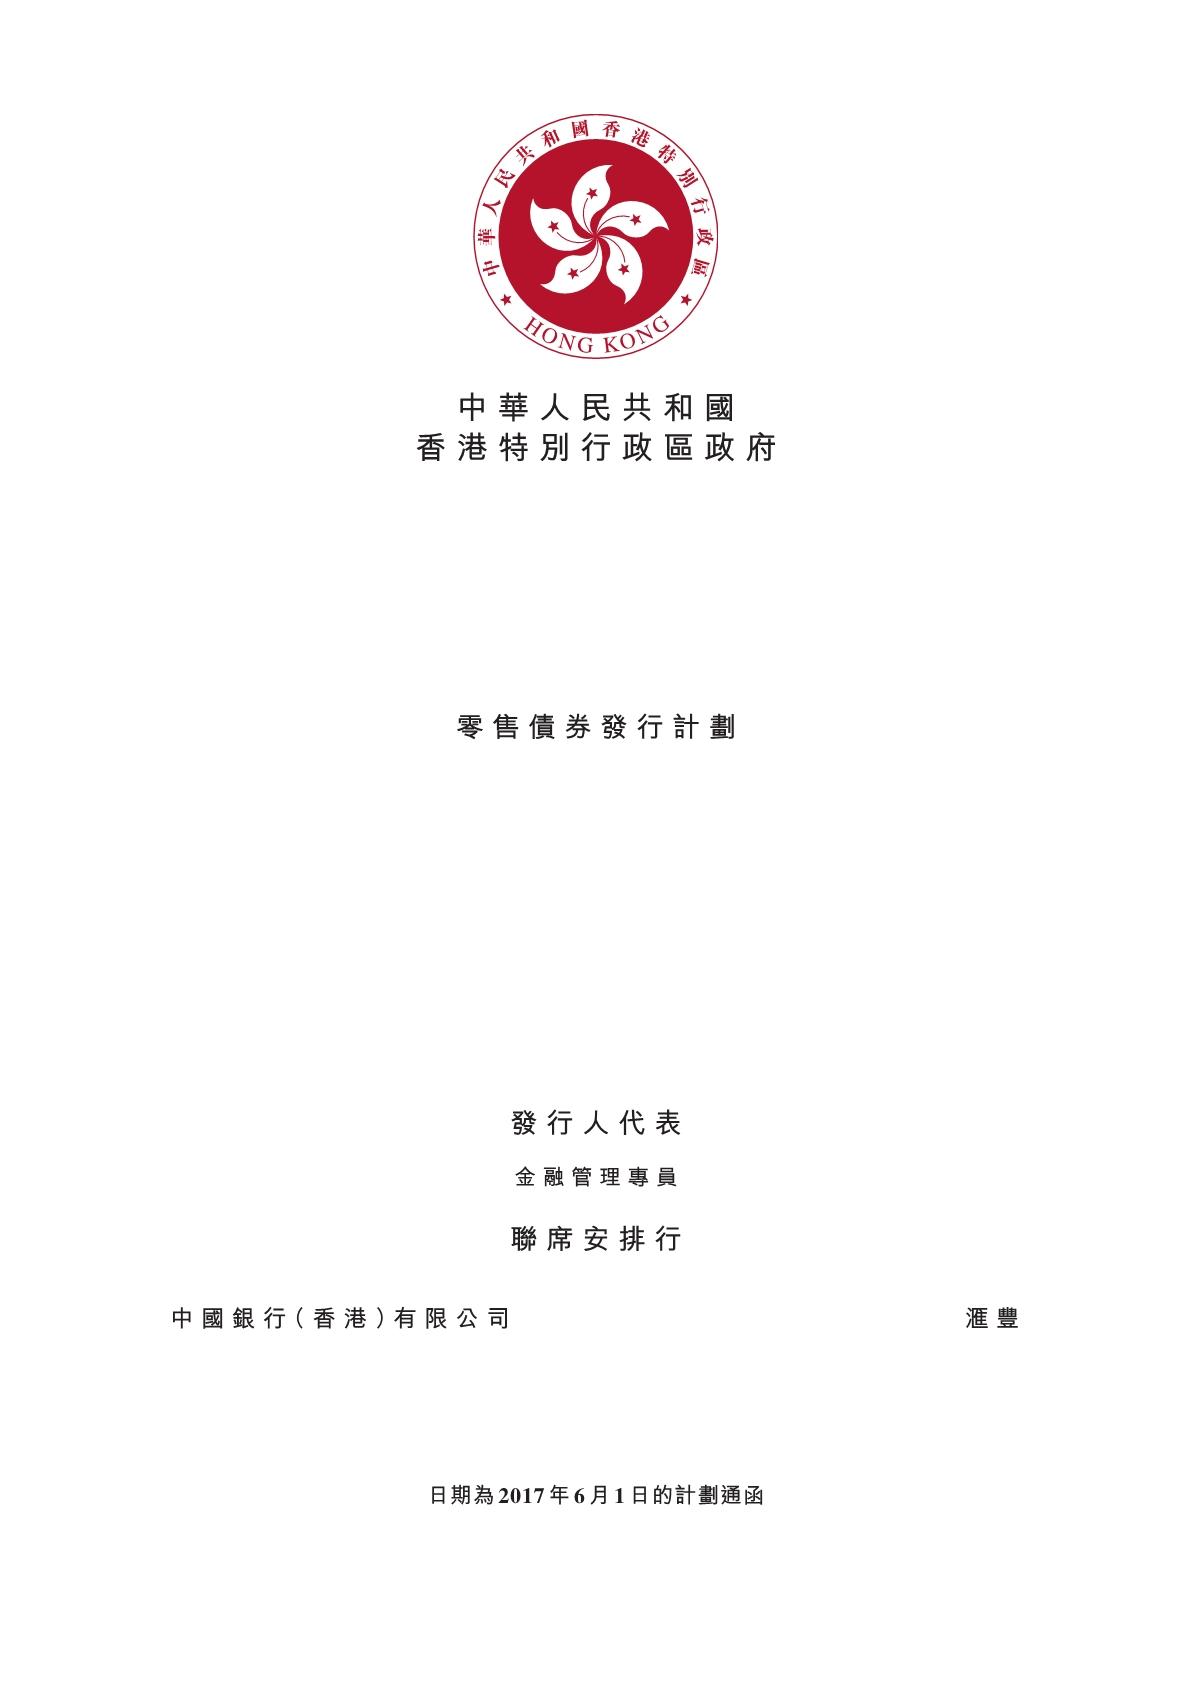 中华人民共和国香港特别行政区政府 – 计划通函